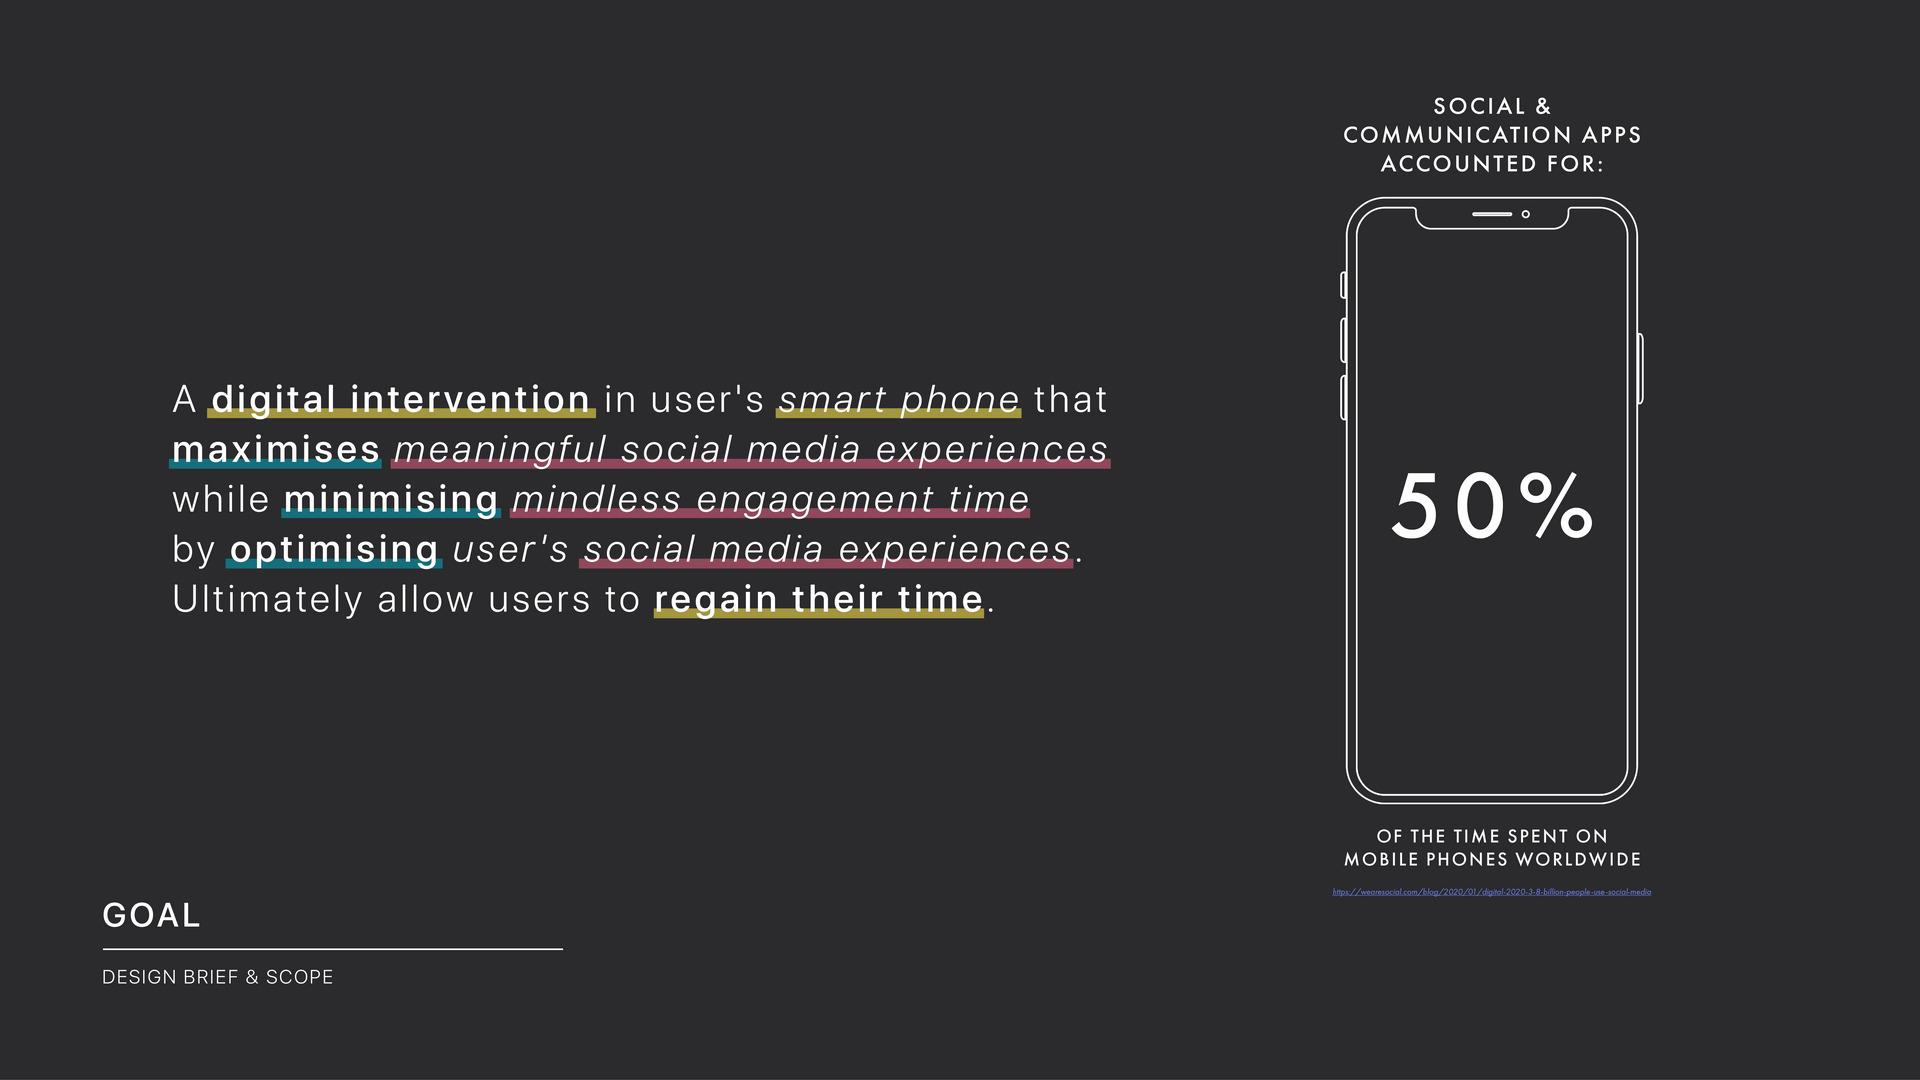 Goal: Design Brief & Scope